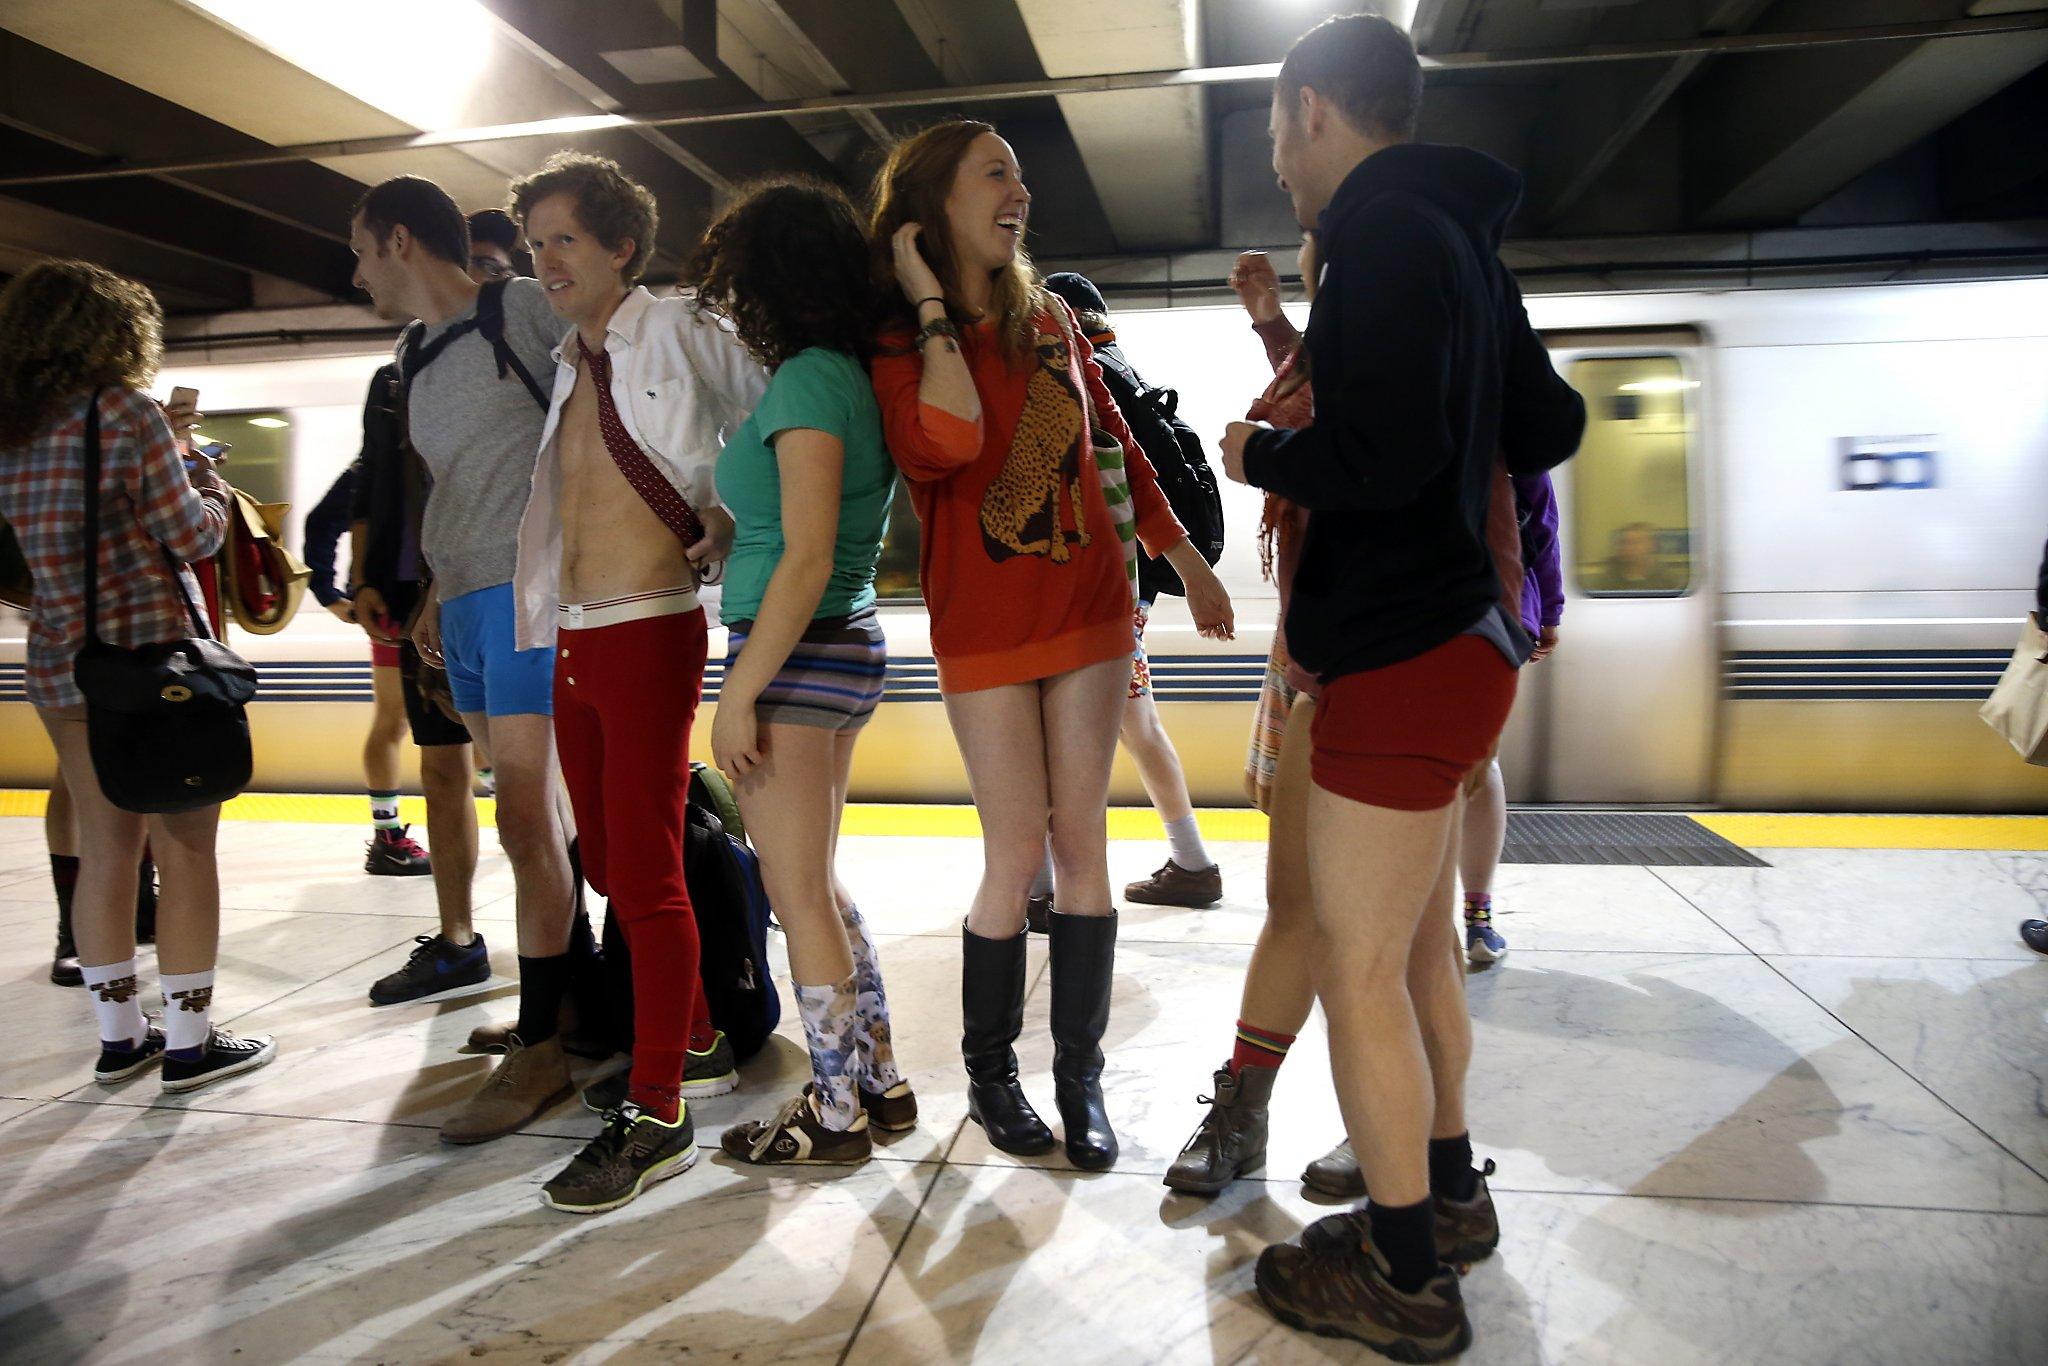 No Pants Mass Transit 2016 Around The World Seattlepi Com